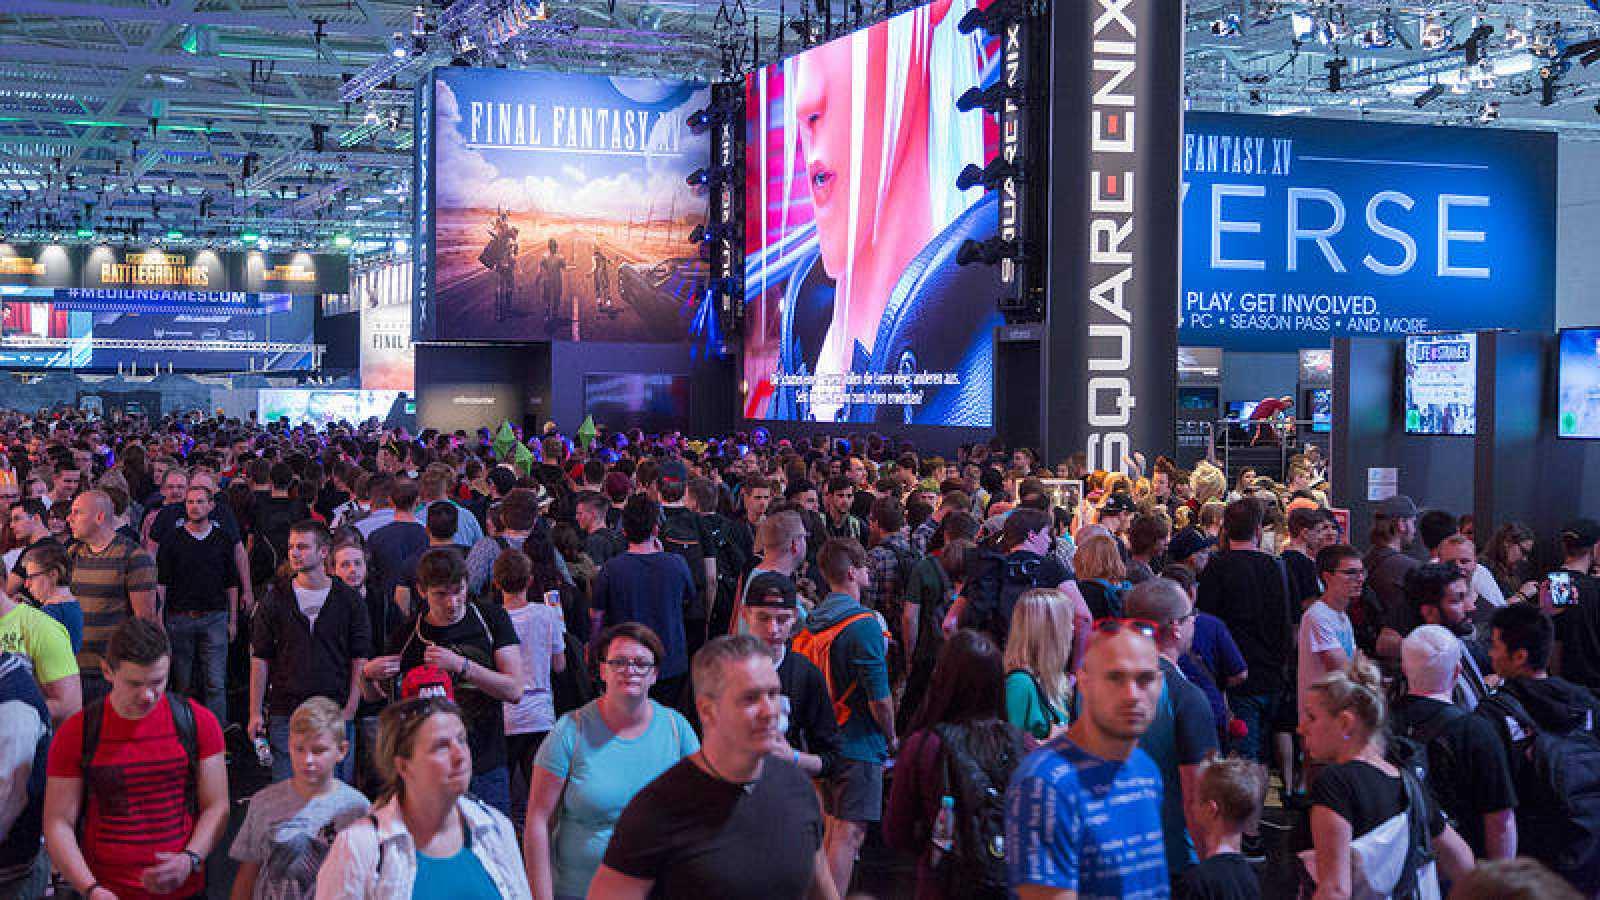 Imagen de la Gamescom de Colonia en 2017